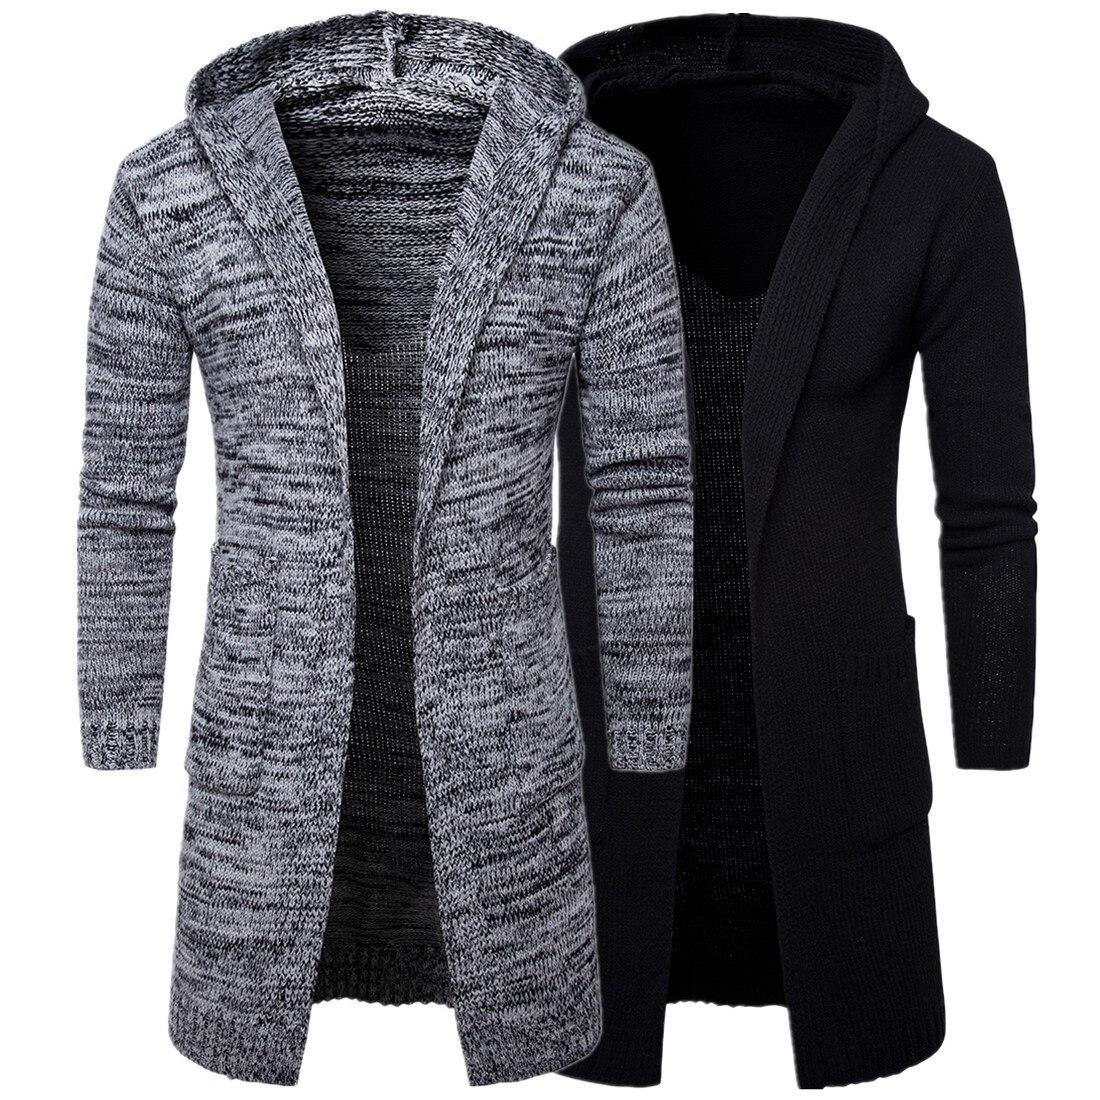 2018 hommes Slim hiver manteau veste à manches longues élégant Trench tricot chaud vestes pour hommes manteau